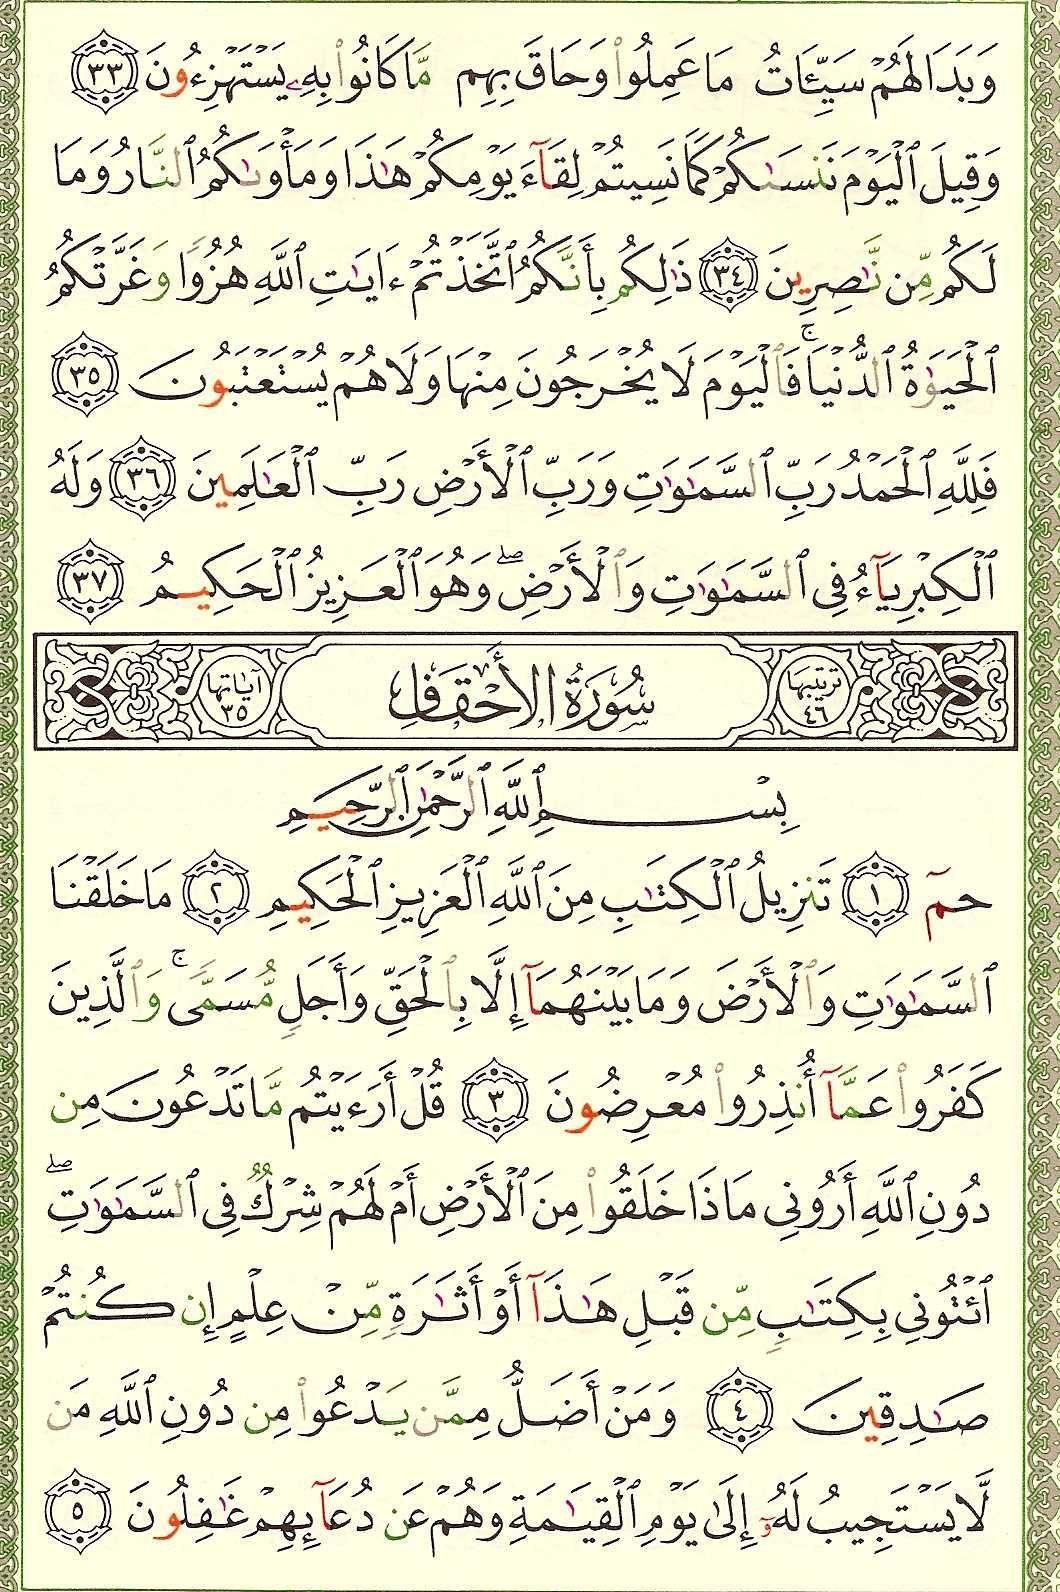 Quran 45 Al Jathiya سورة الجاثية Style 1 Page 502 القرآن الكريم Reading Quran Math